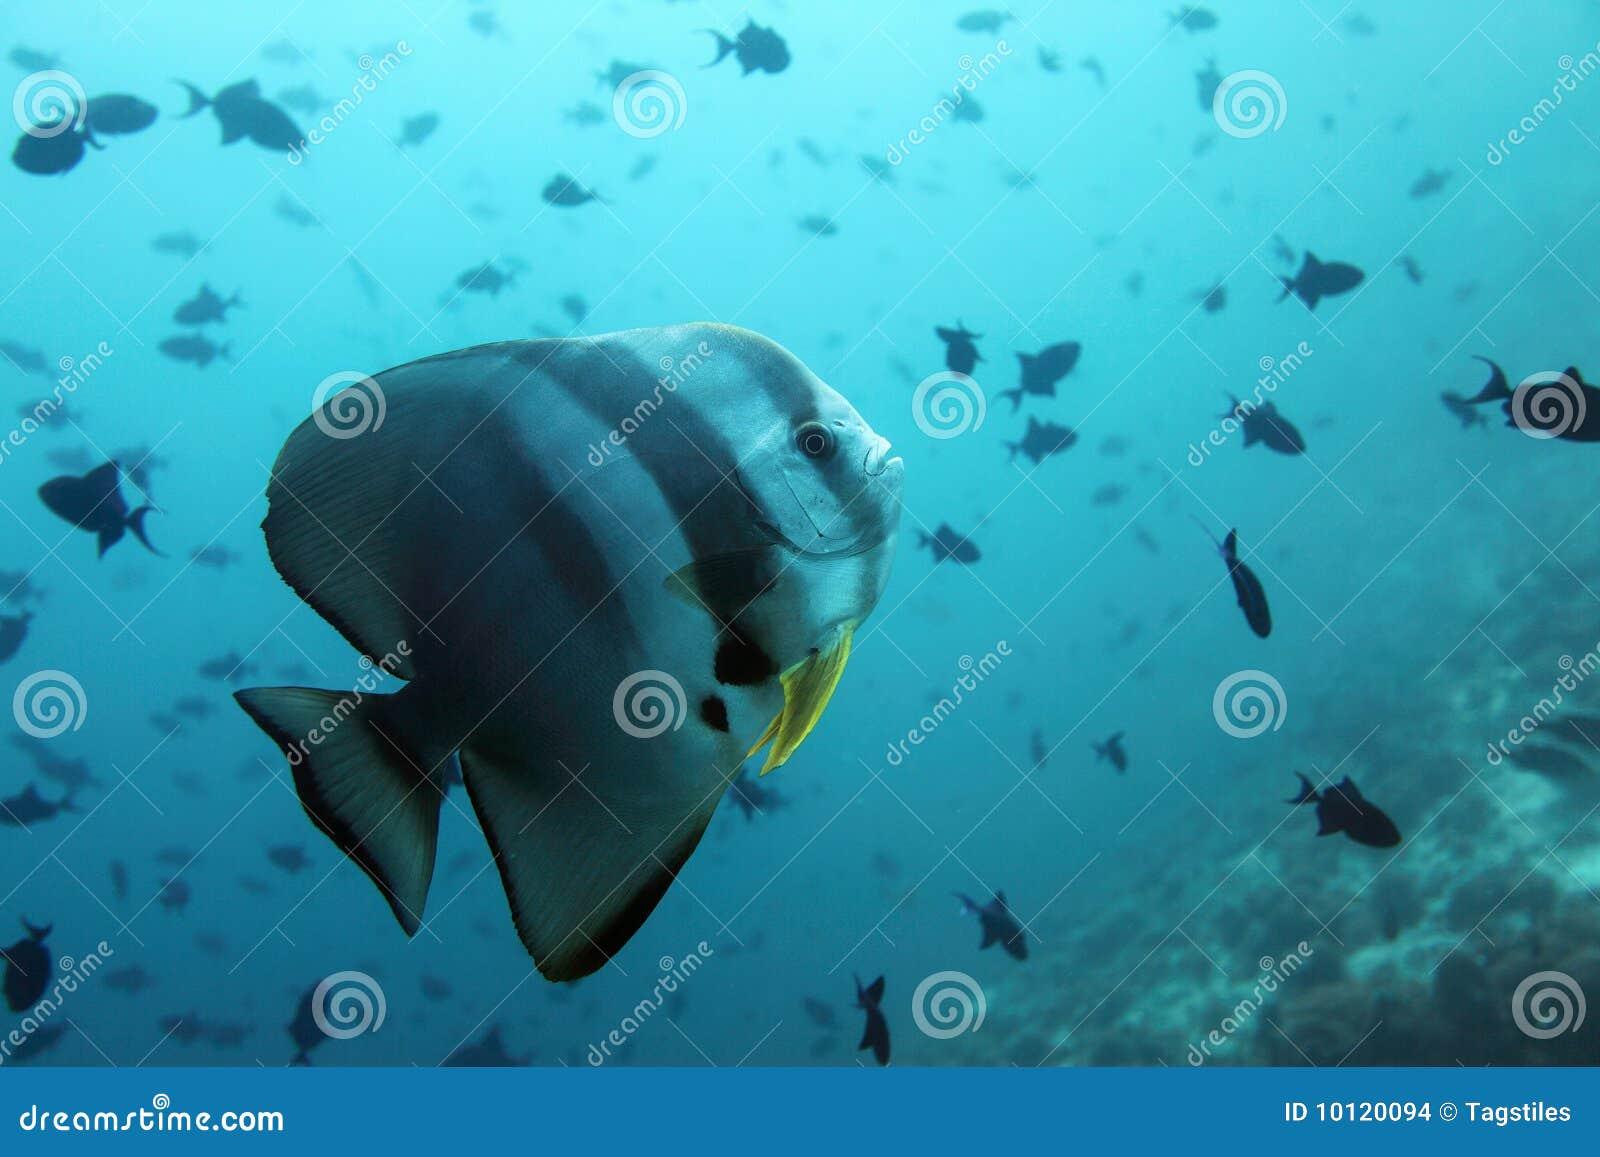 Download Hiebfische - Maldives stockfoto. Bild von chirurg, warm - 10120094